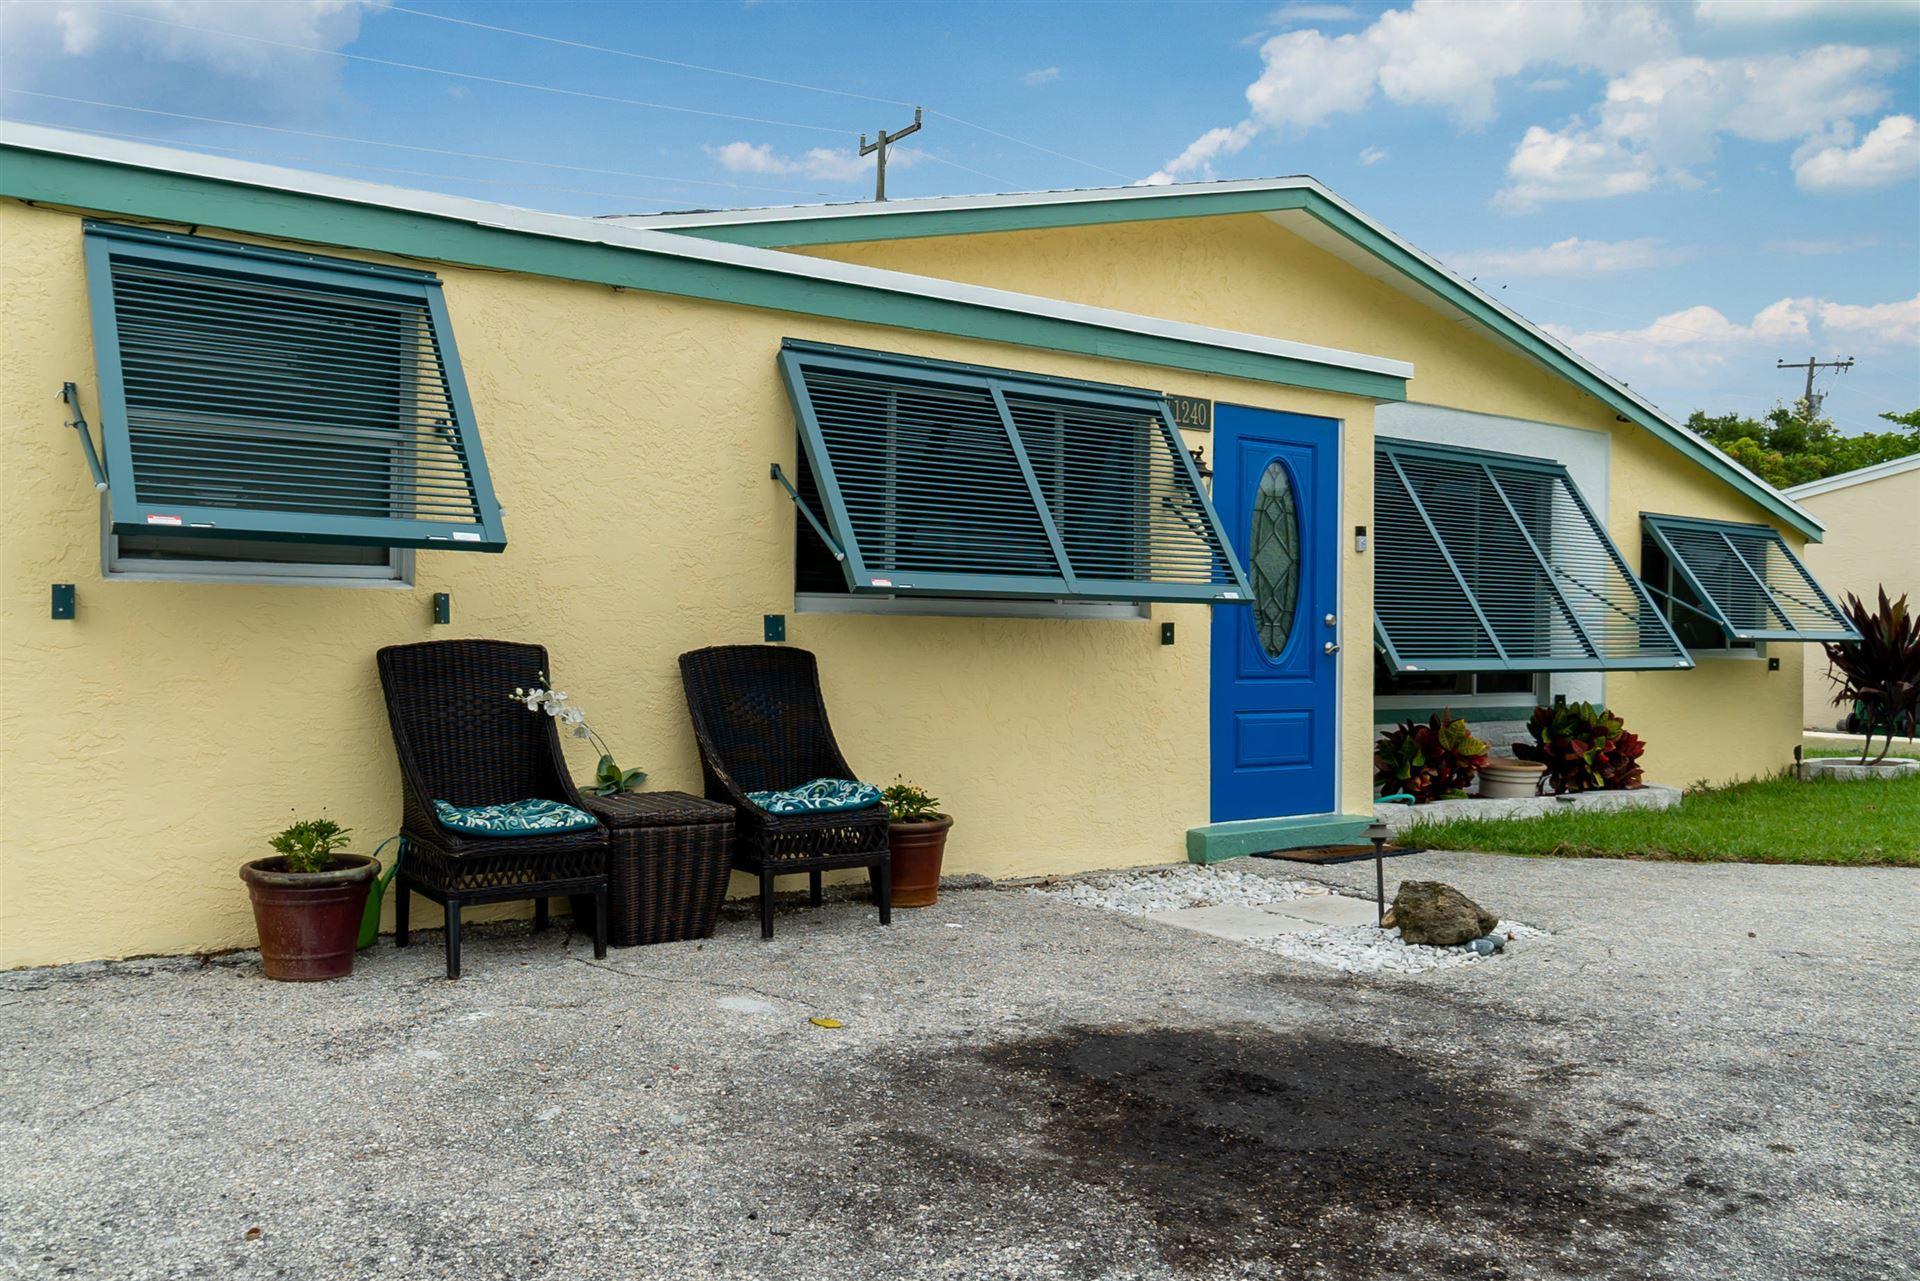 Photo of 1240 W 3rd Street, Riviera Beach, FL 33404 (MLS # RX-10730007)